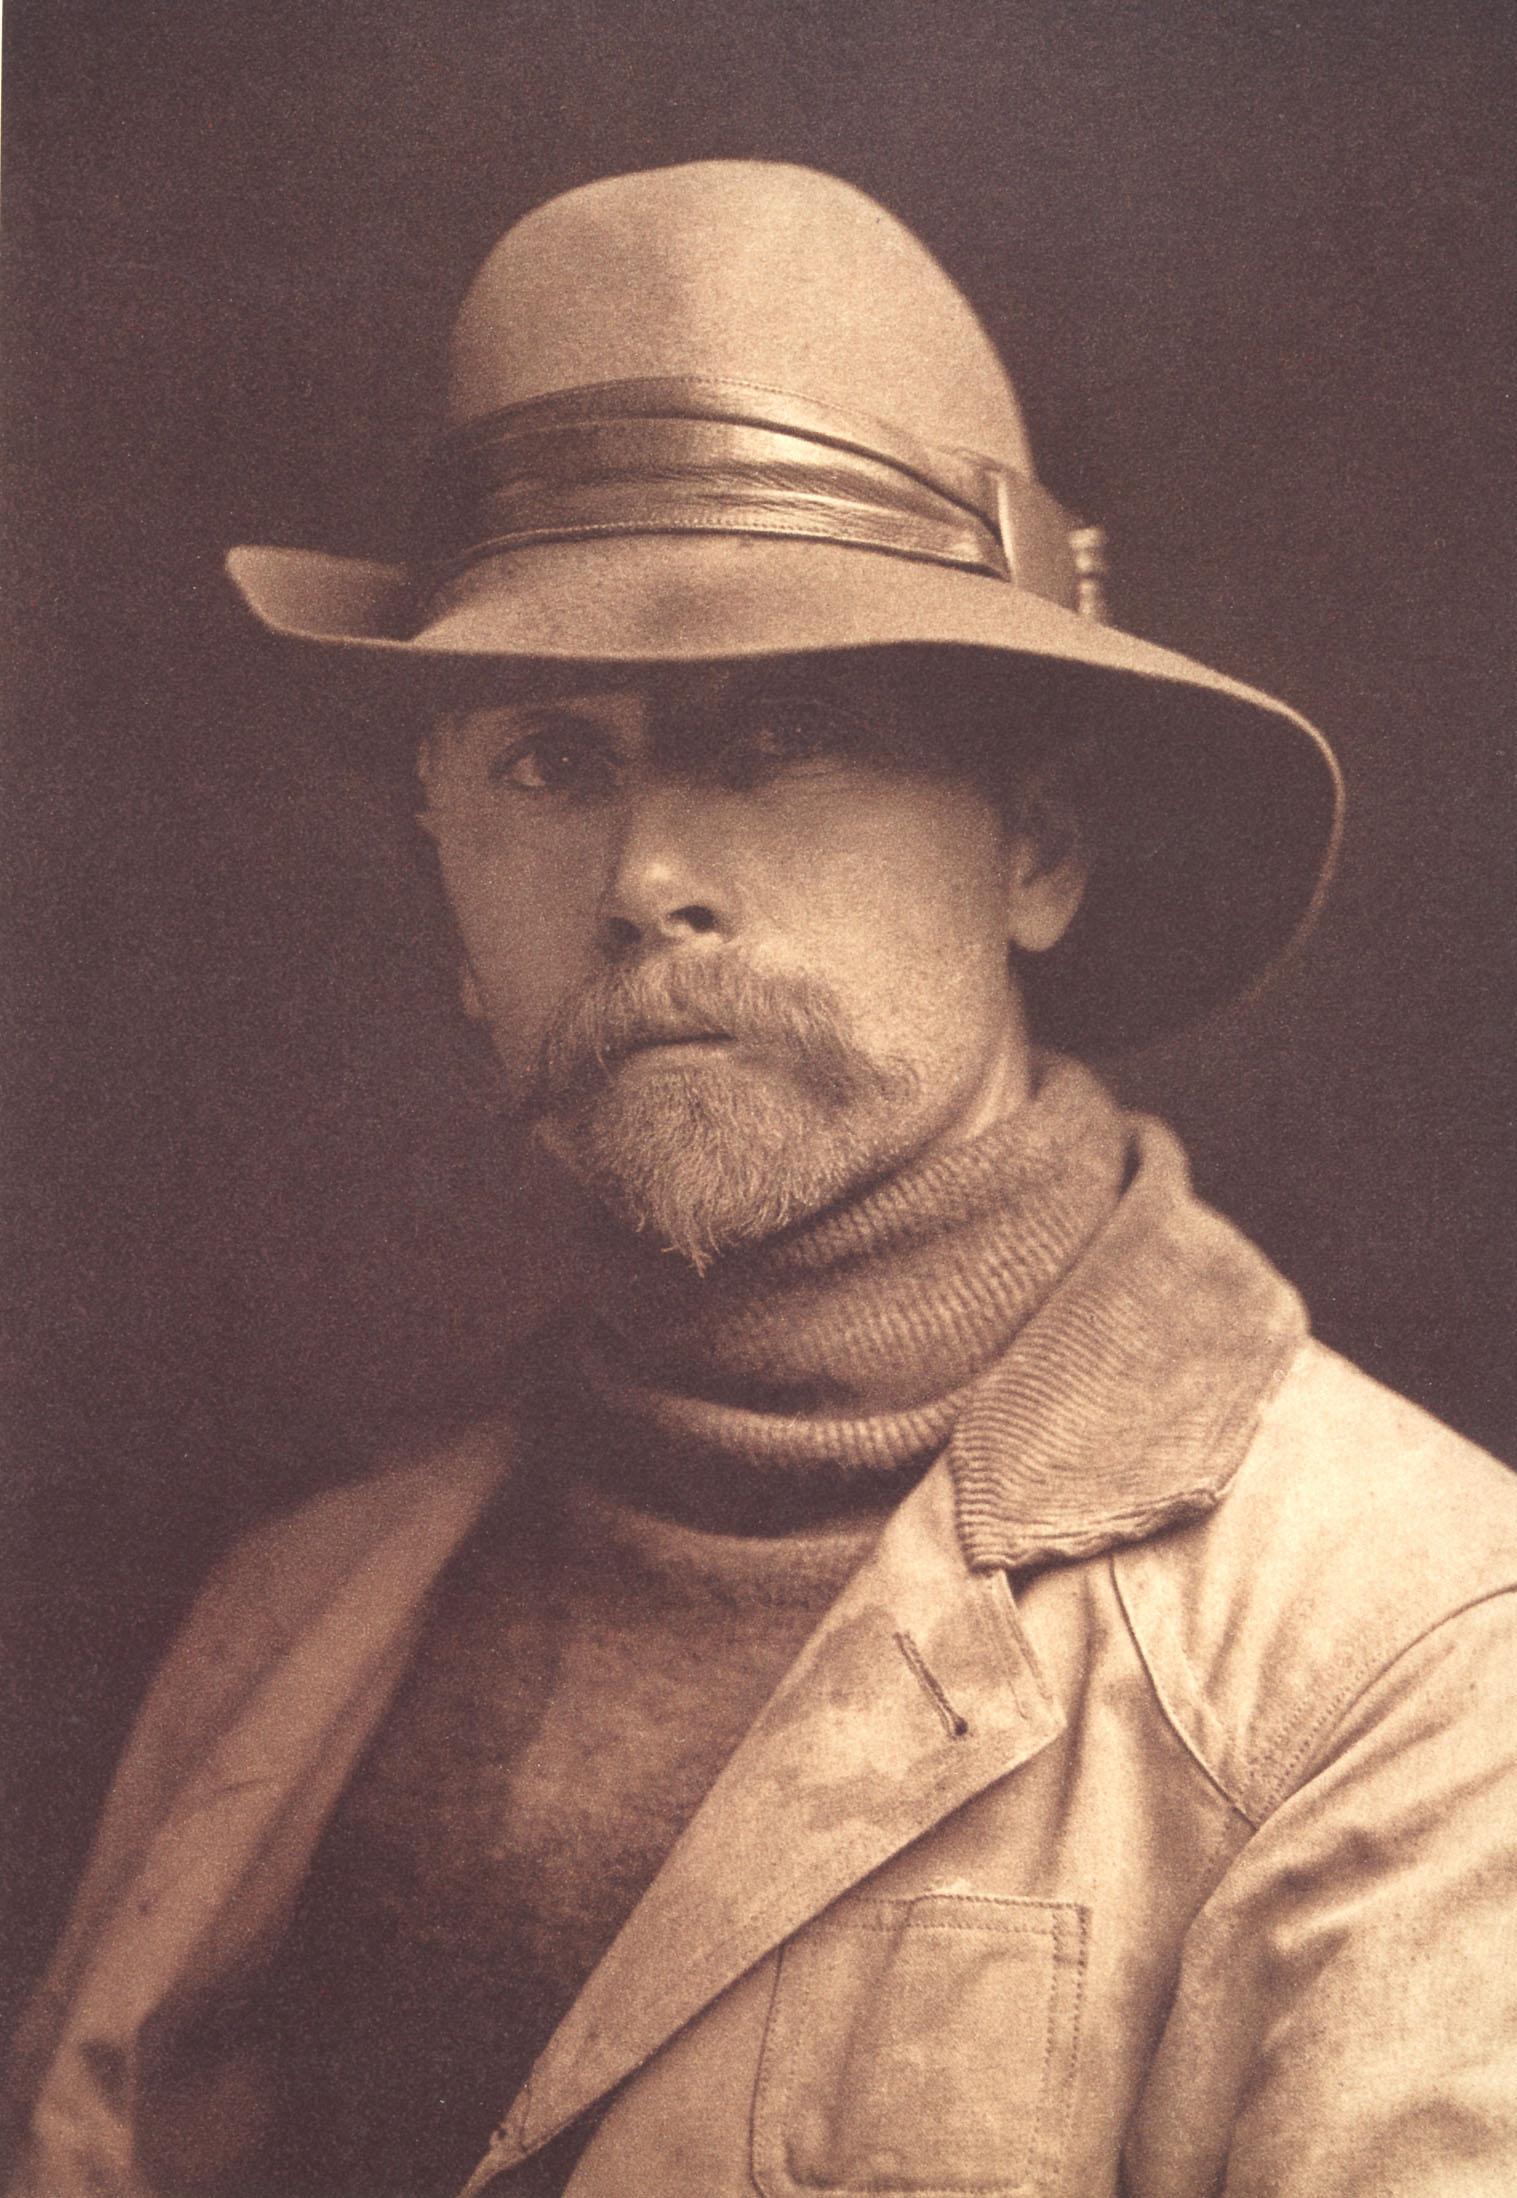 Portrait Photographer Edward S. Curtis